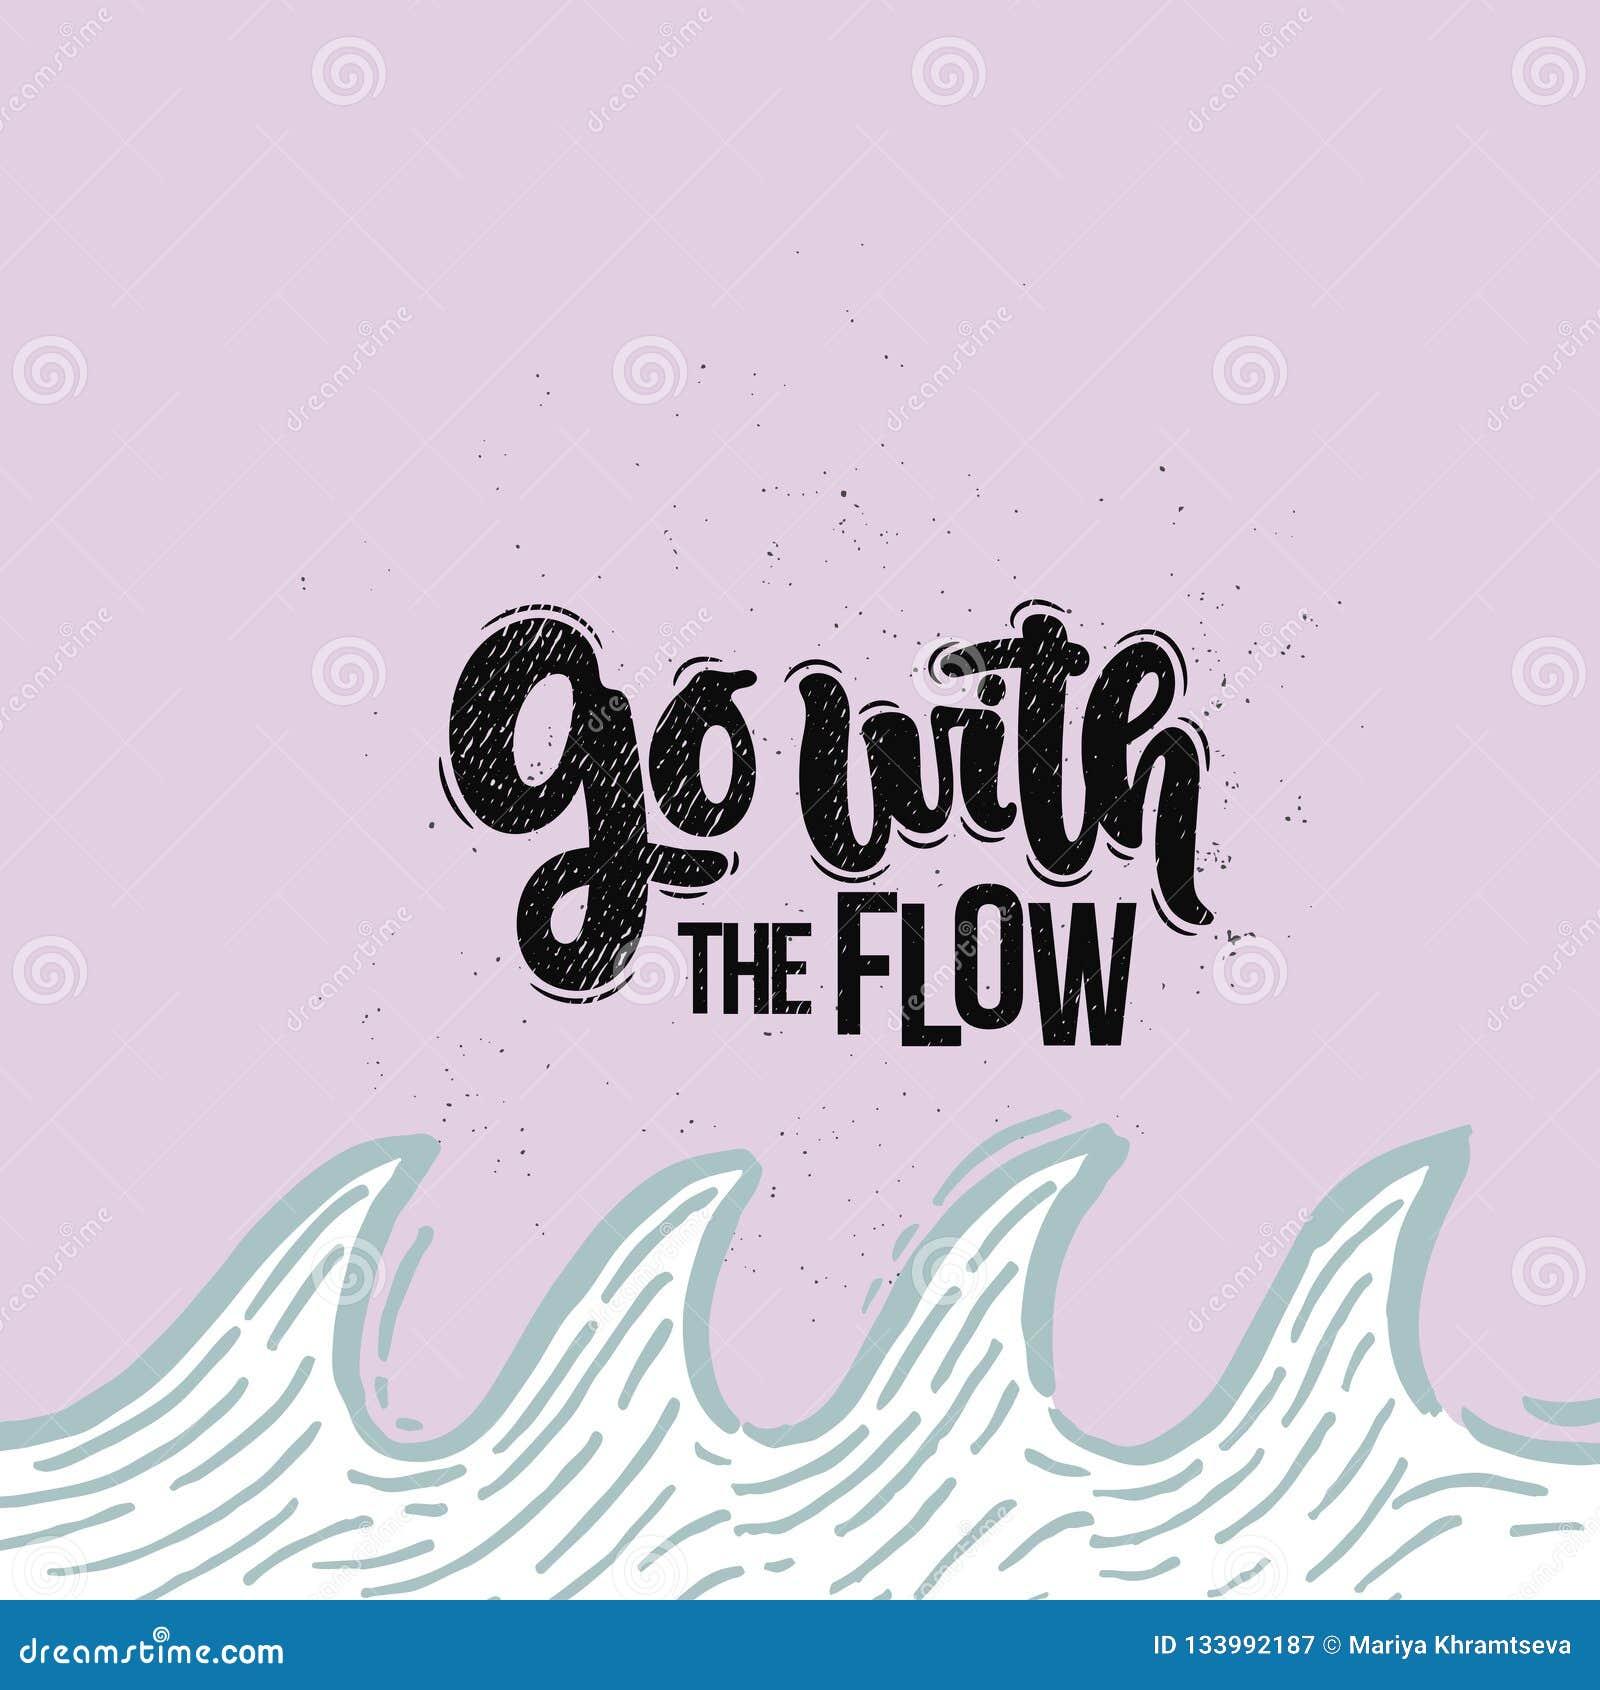 Vaya con el flujo